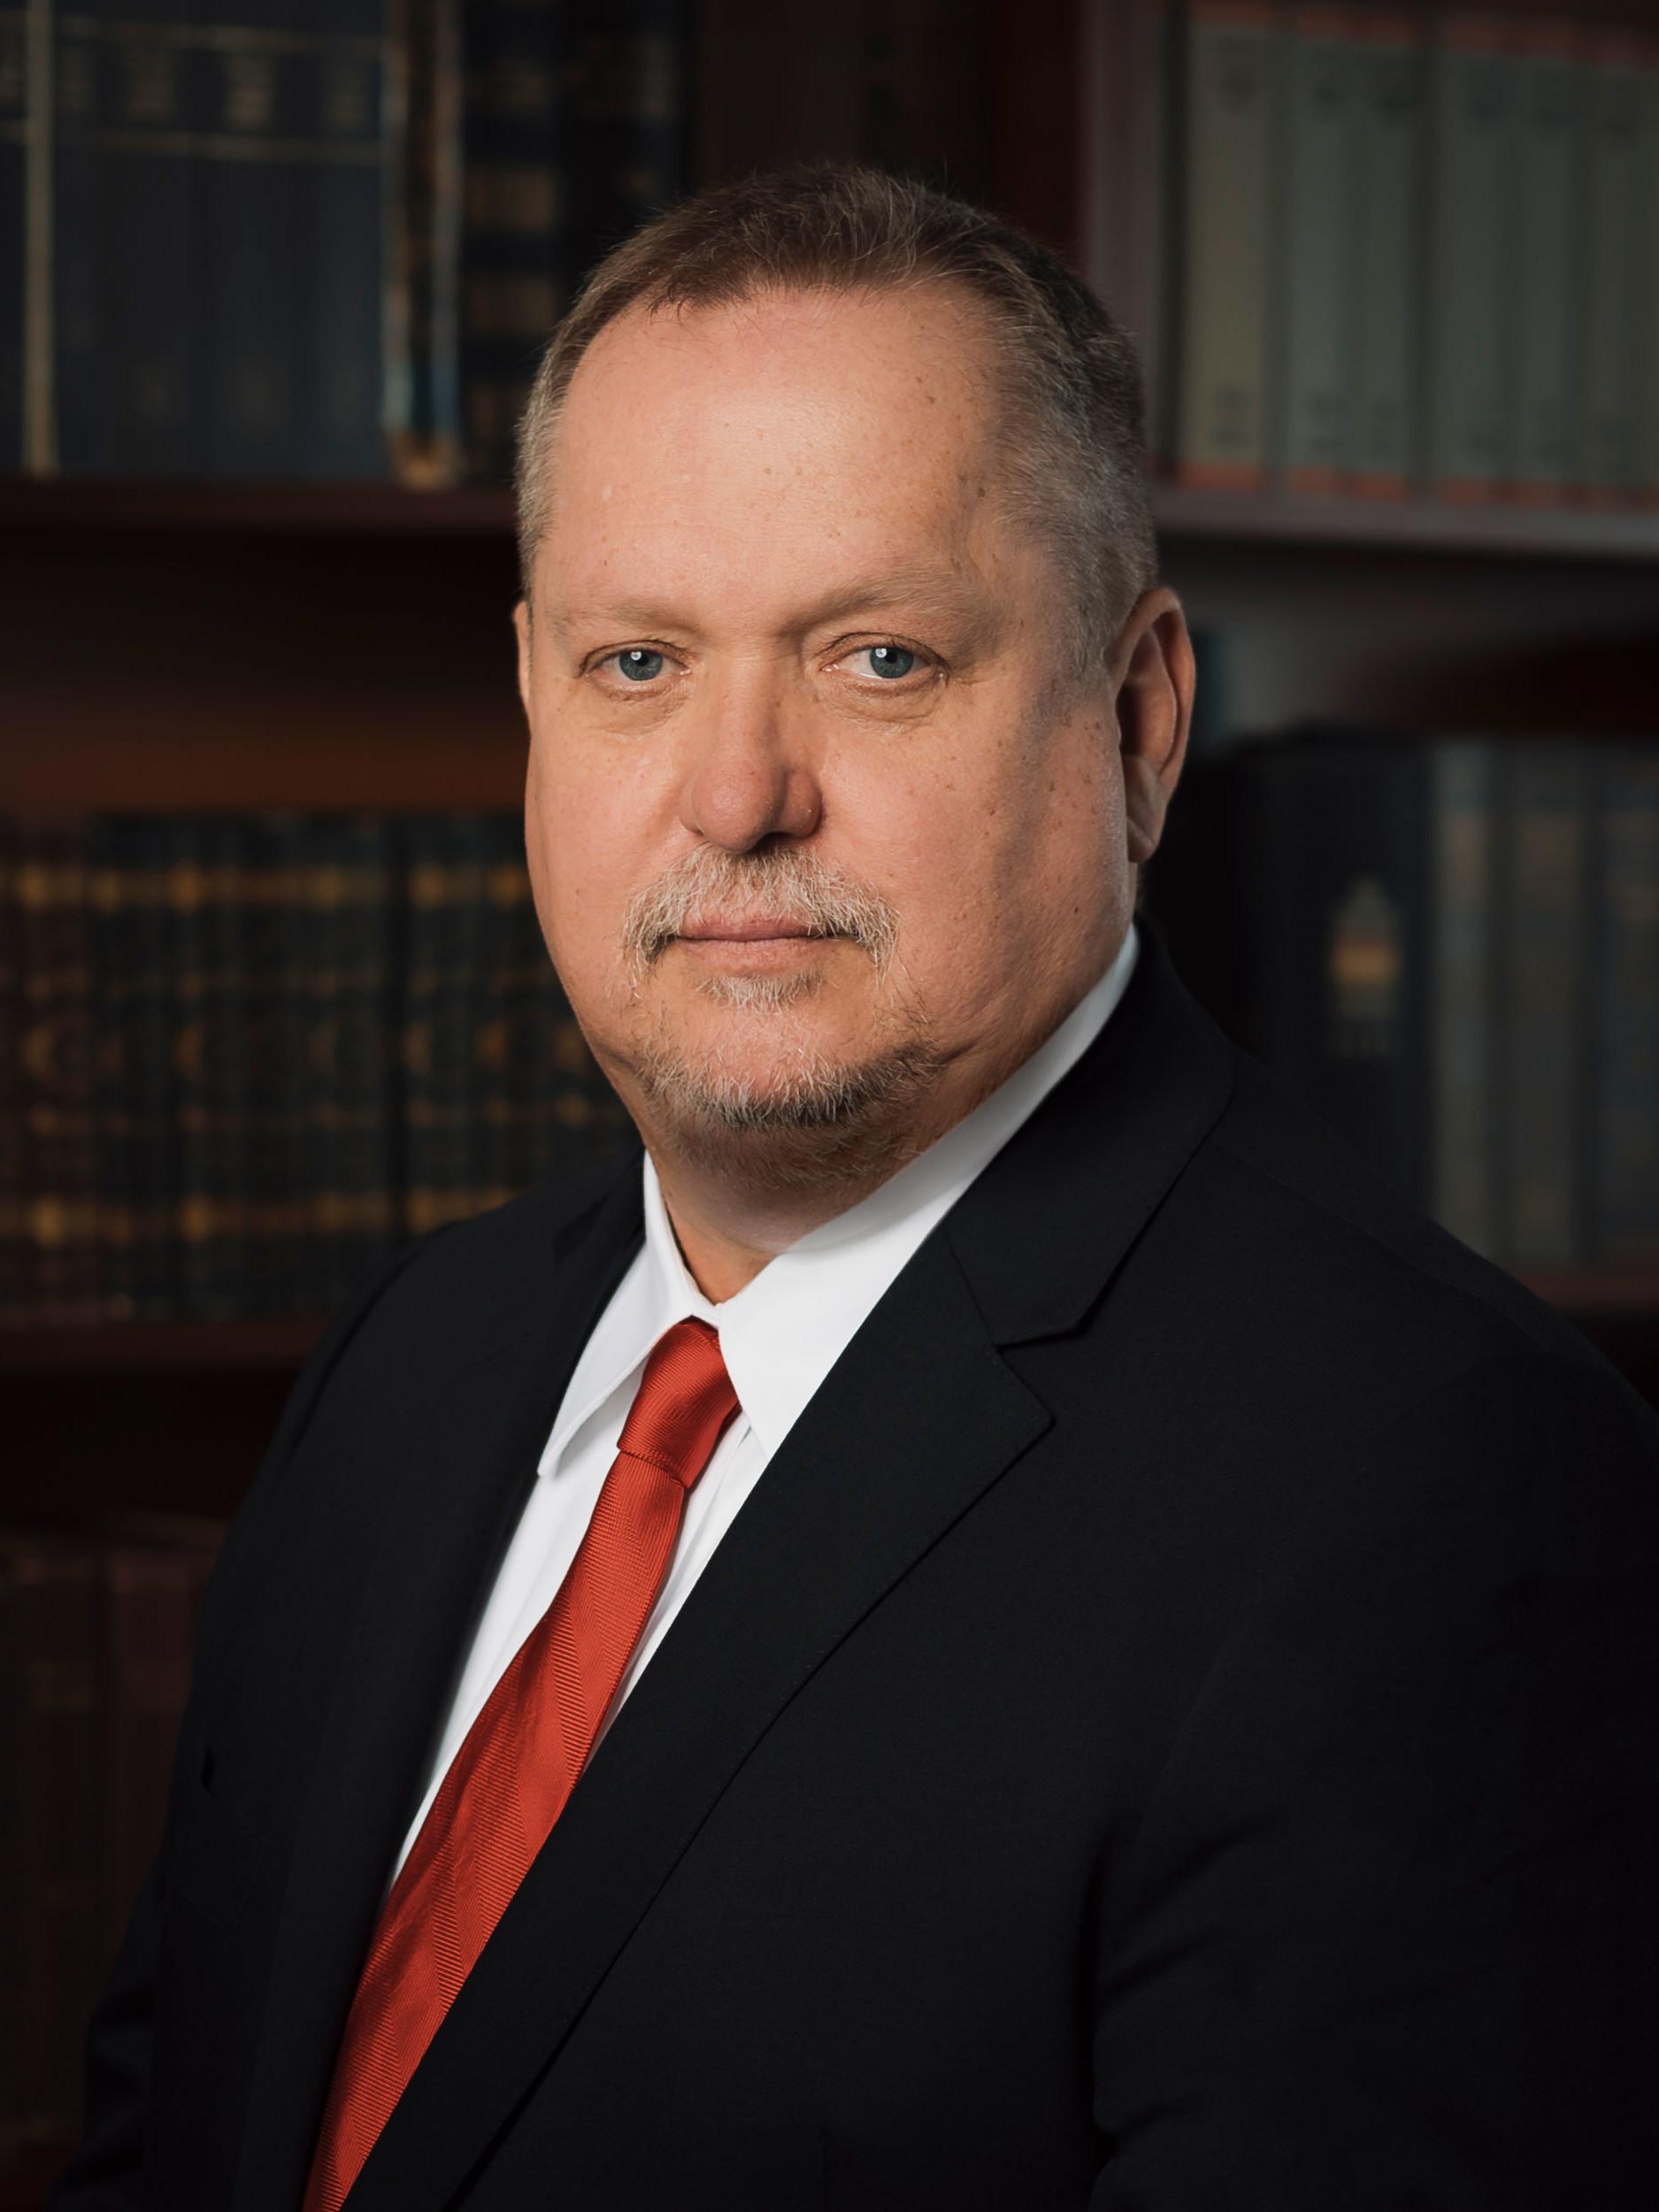 György Eötvös